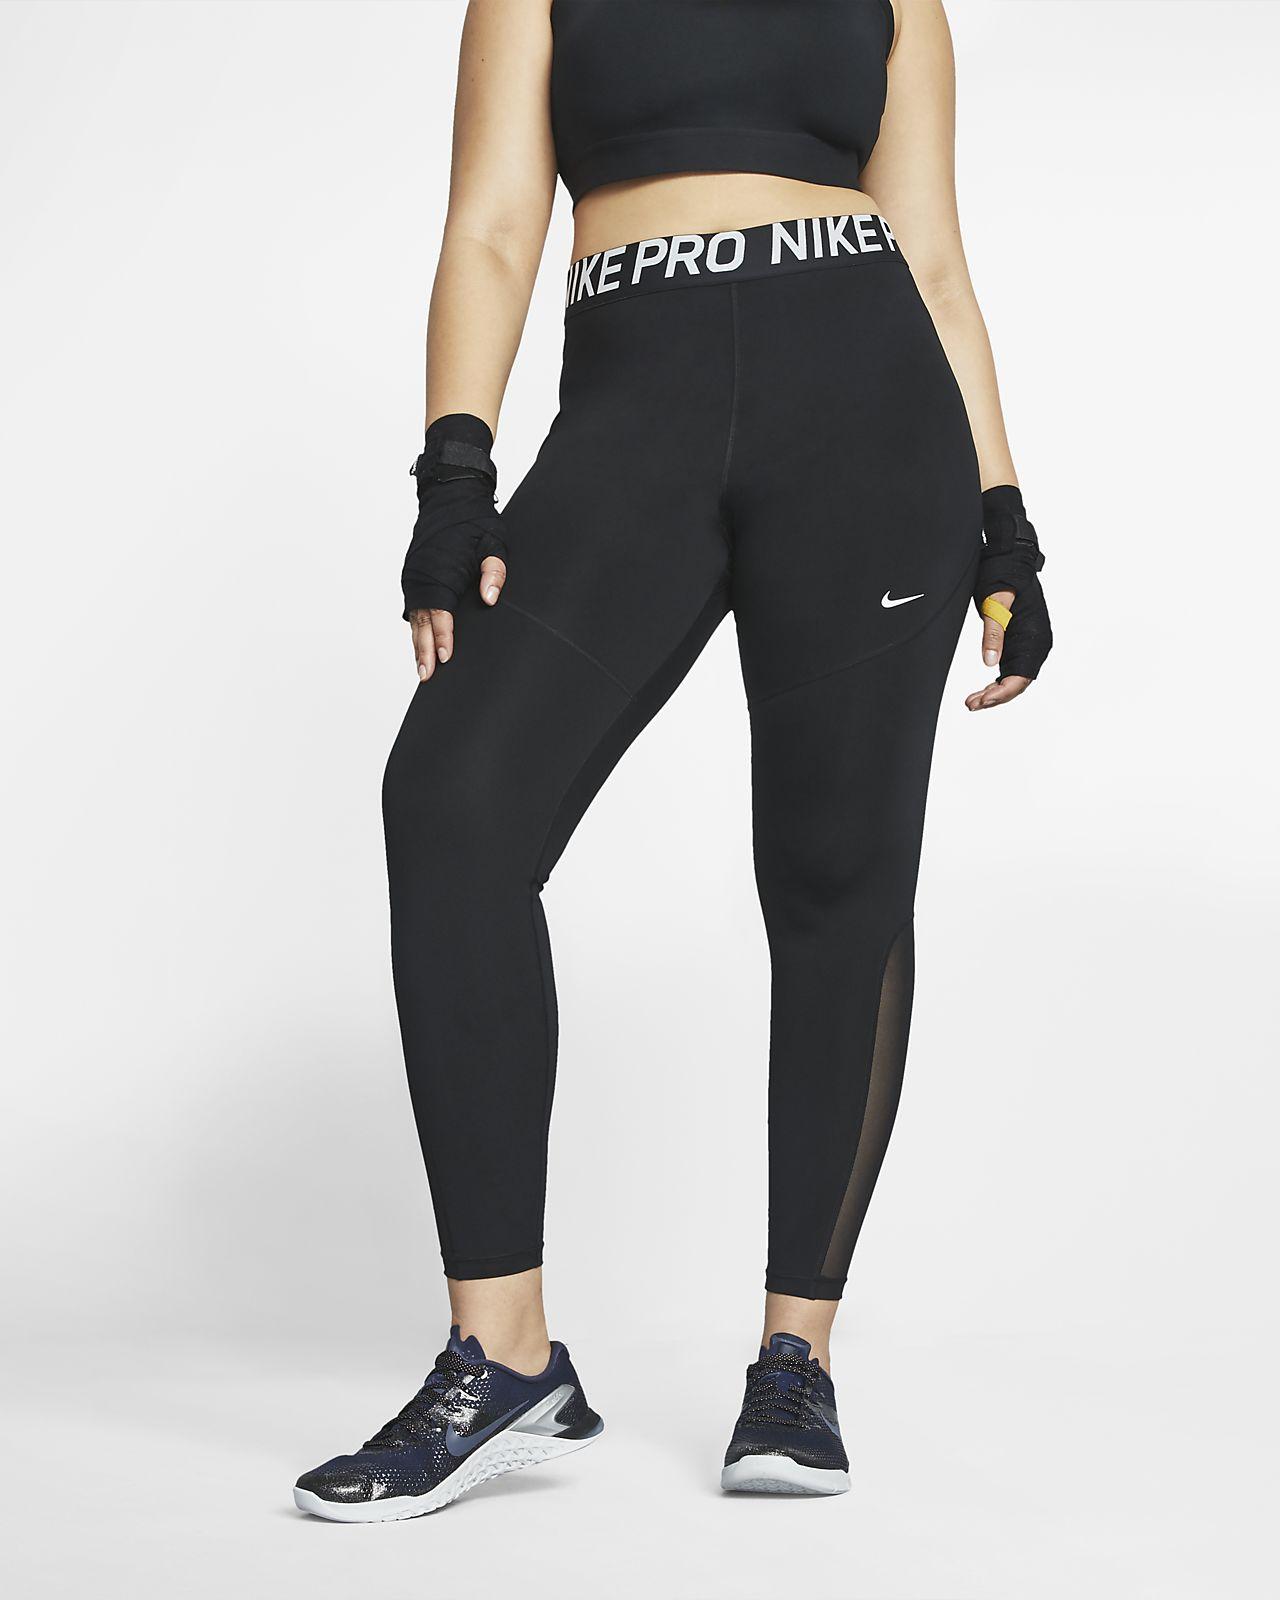 Nike Pro Malles (talles grans) - Dona